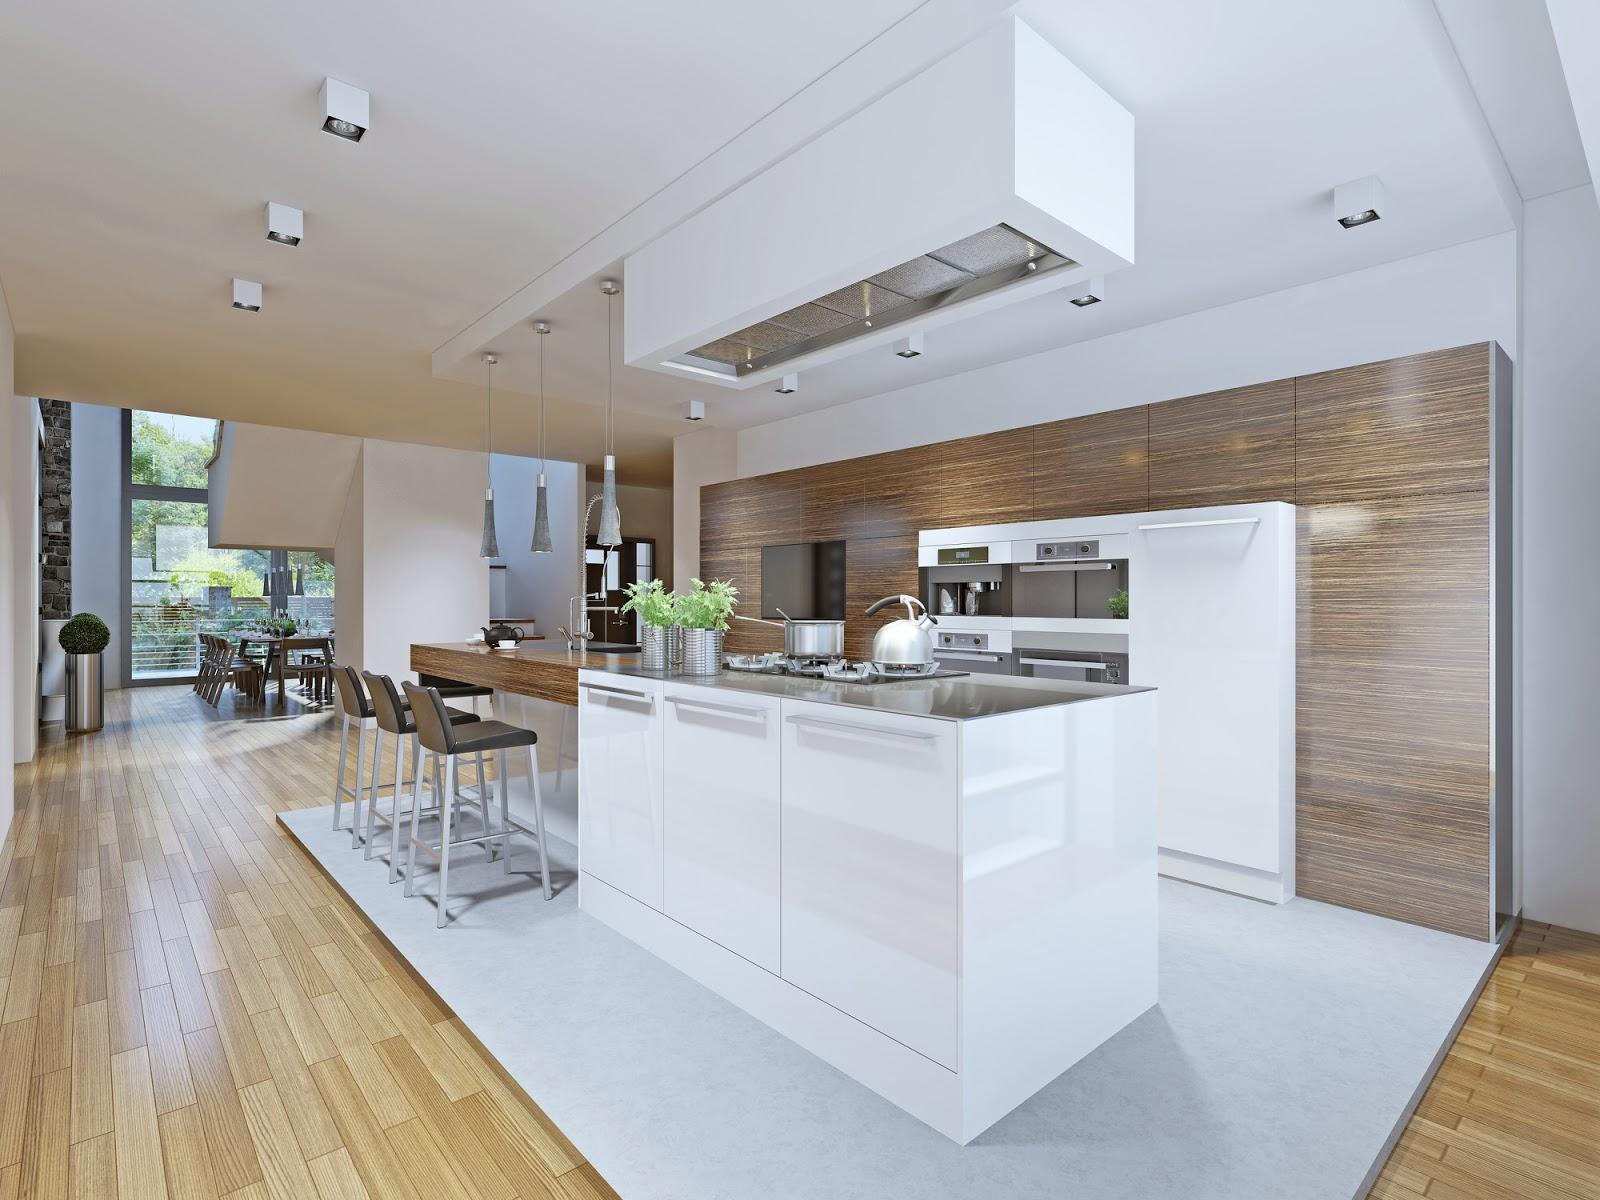 kücheninsel mit herd und spüle - Home Creation